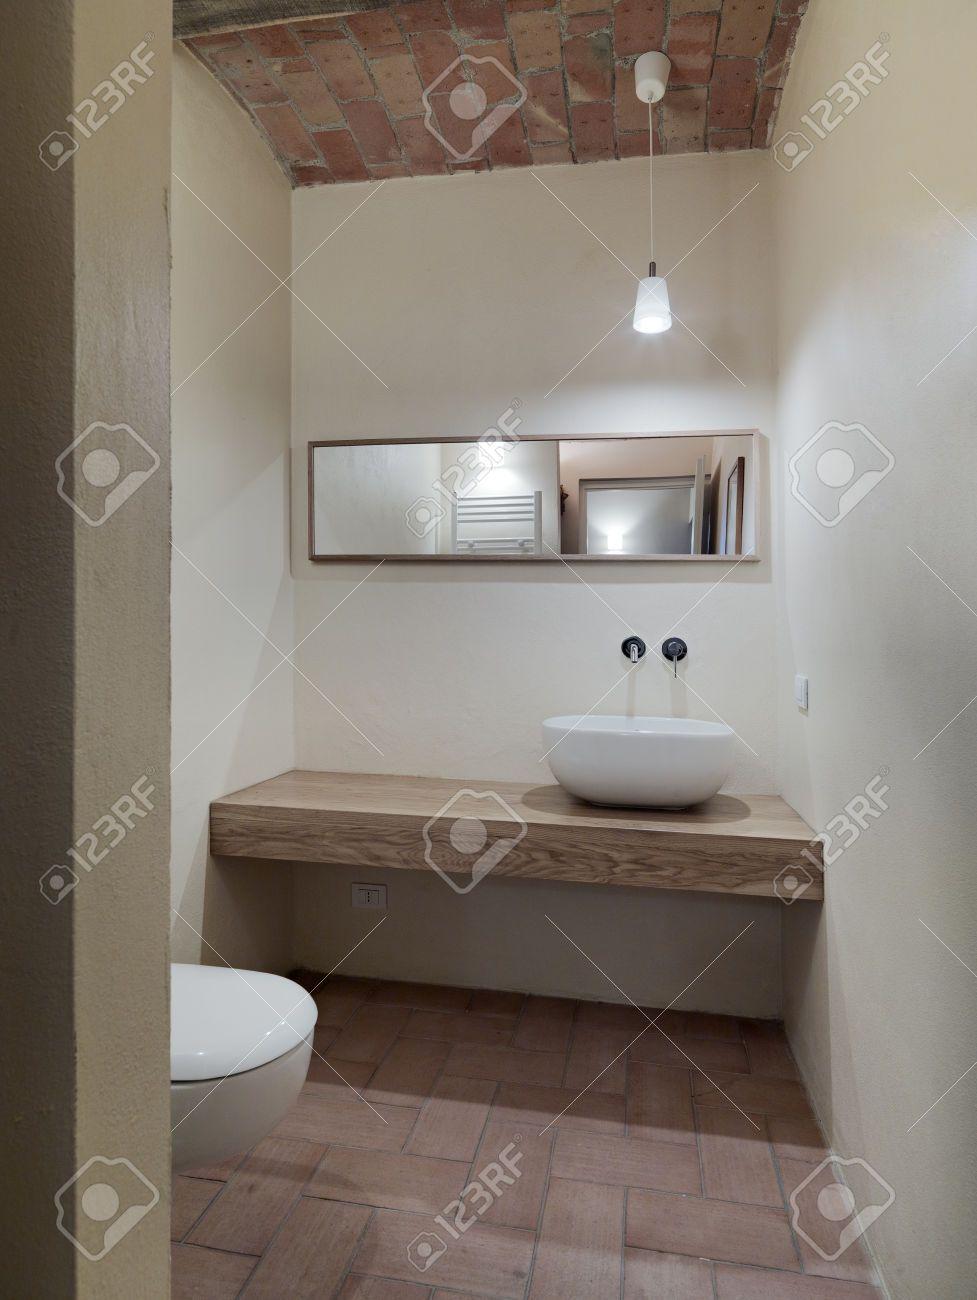 Terracotta Bad image result for terracotta floor bathroom bad hytte